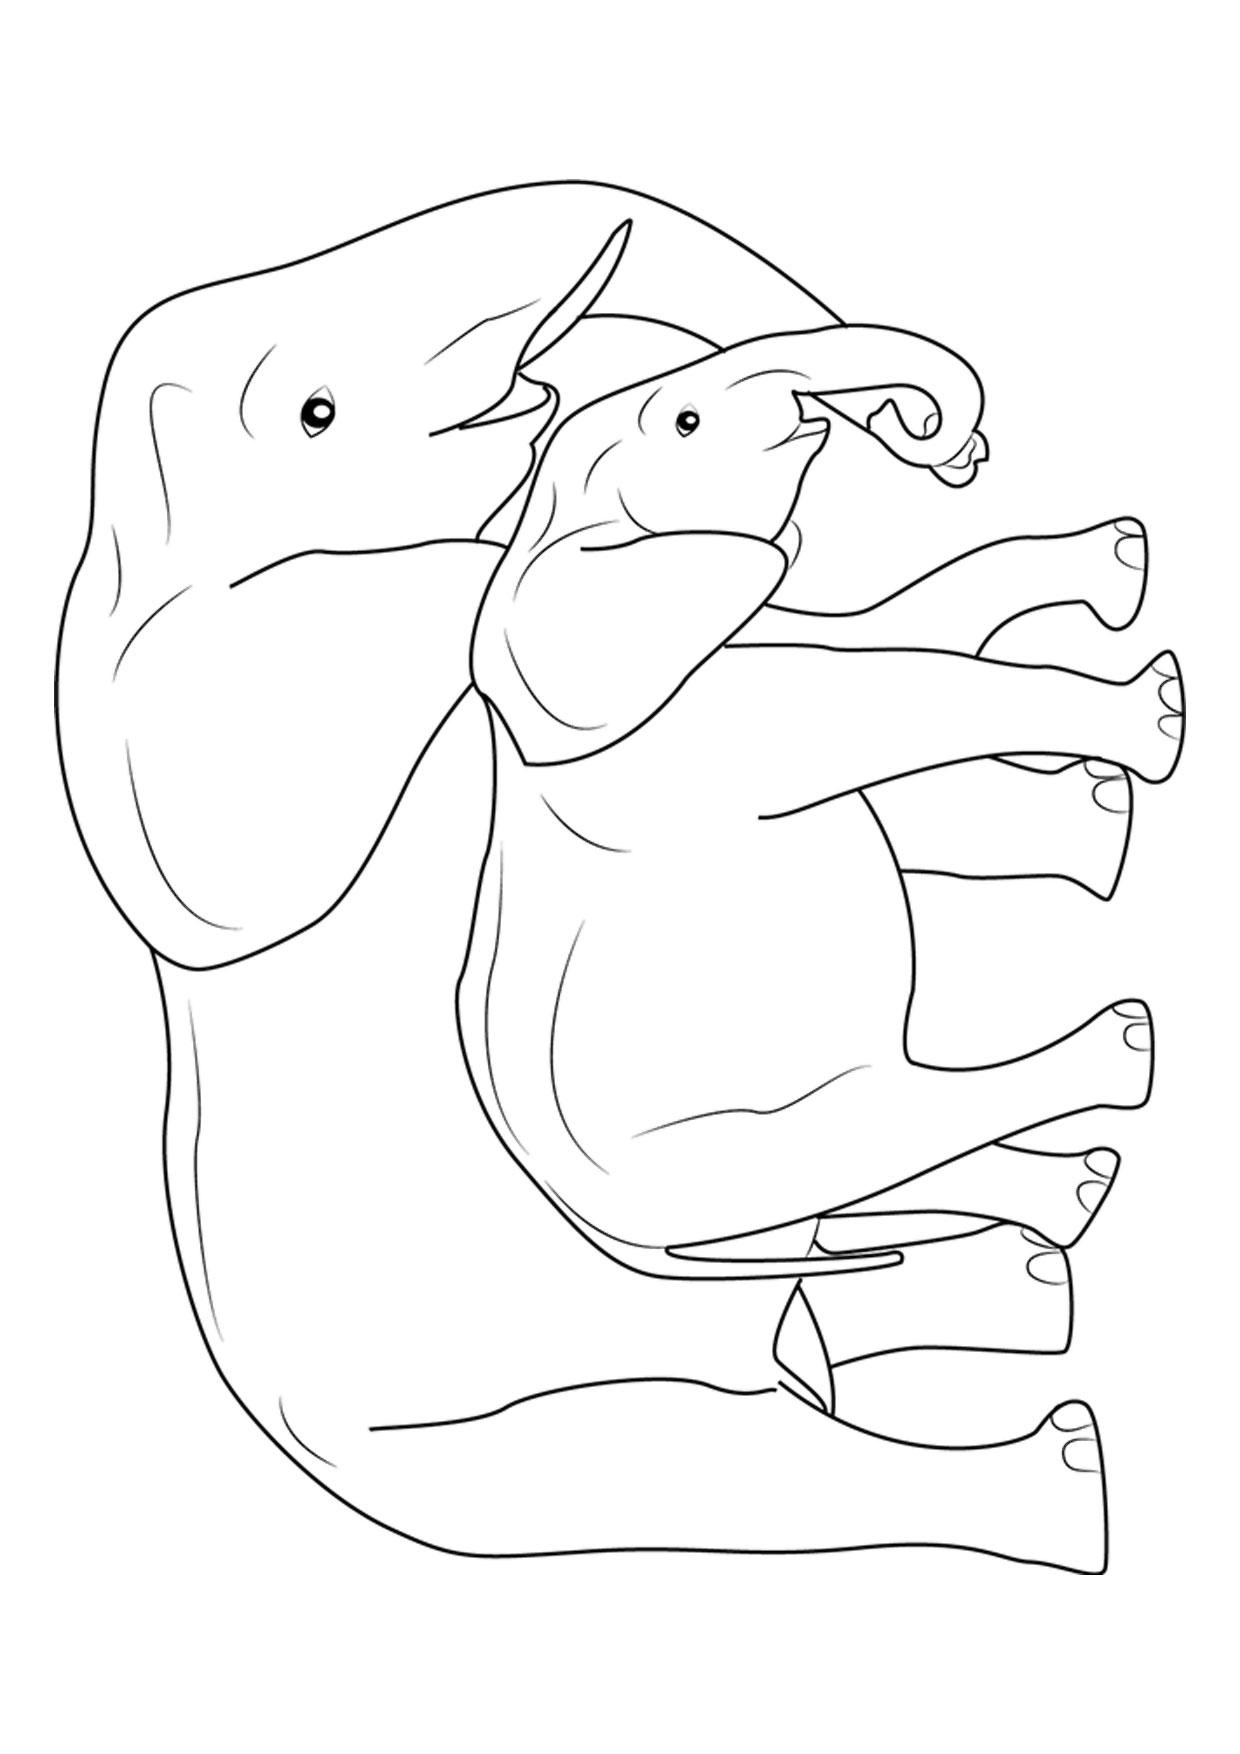 45 disegni di elefanti da colorare for Disegni di lupi da stampare